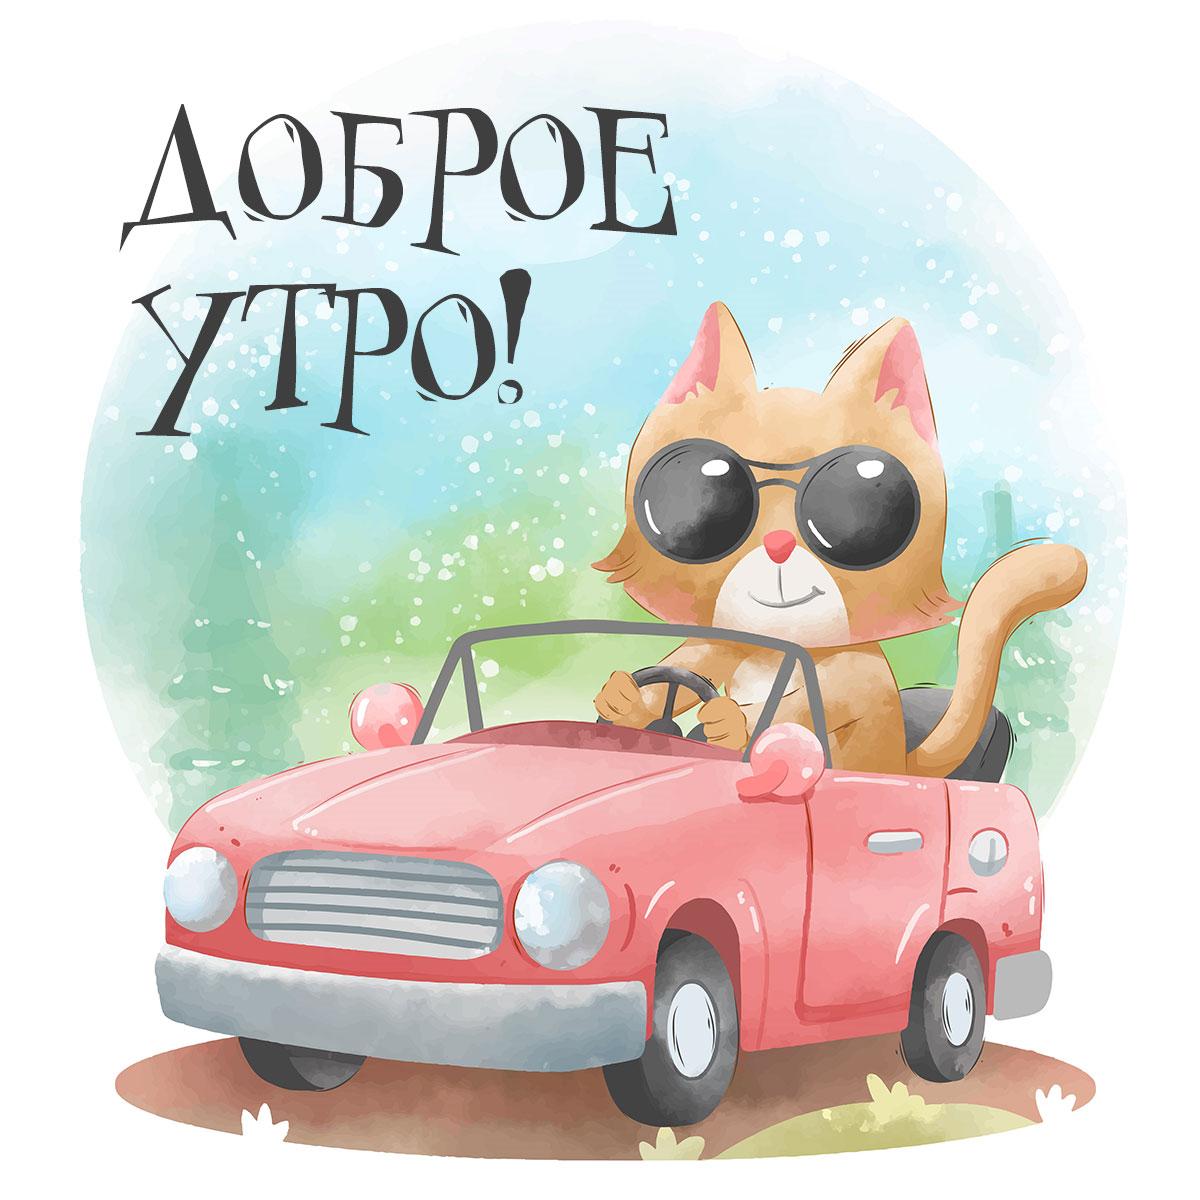 Котик в круглых солнечных очках в красной машине встречает доброе утро.